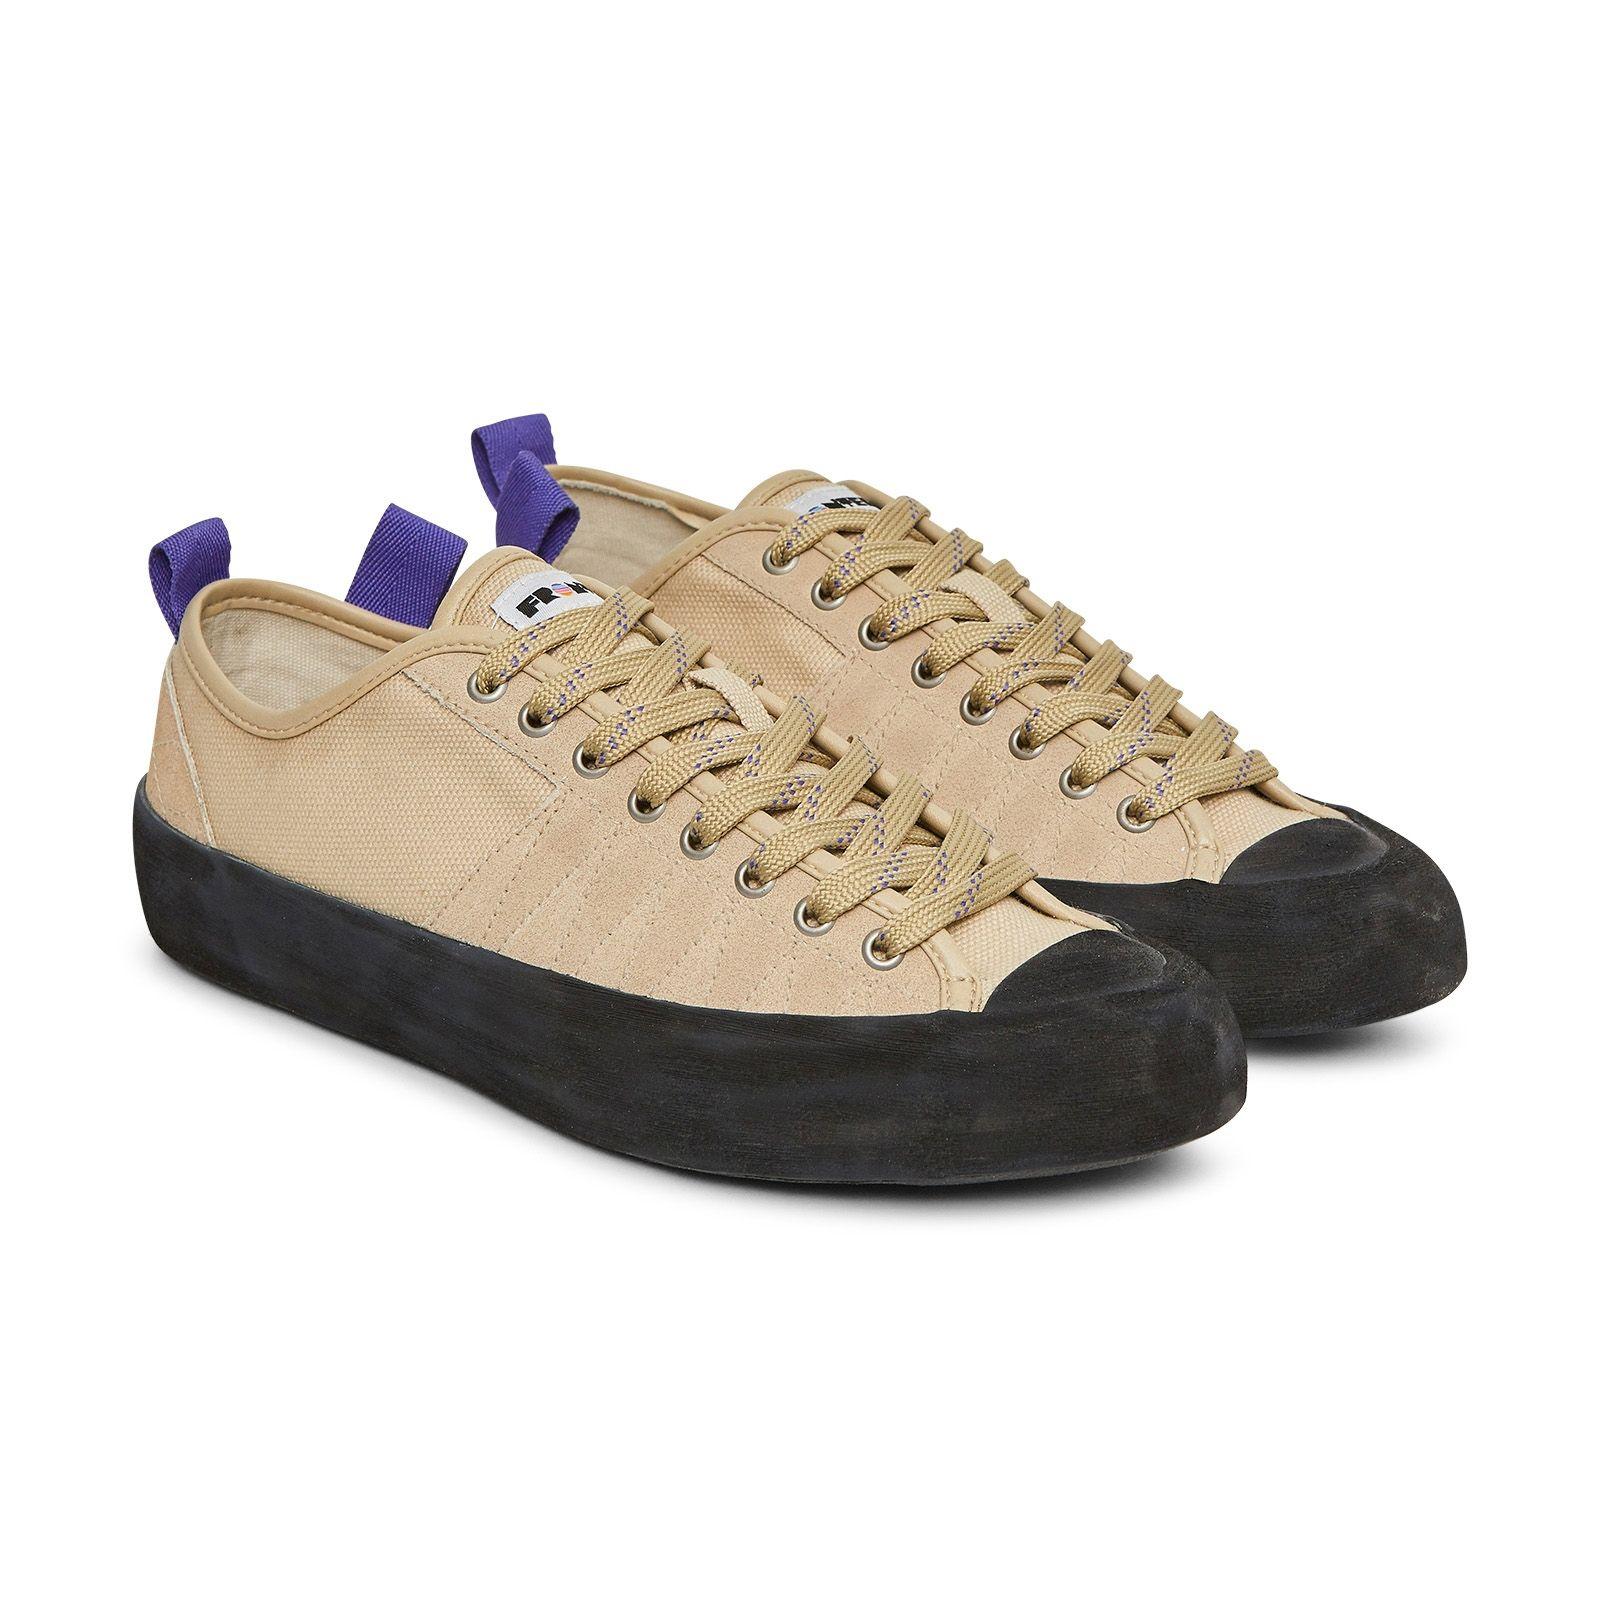 648 mejores imágenes de shoes en 2020 | Zapatillas, Calzas